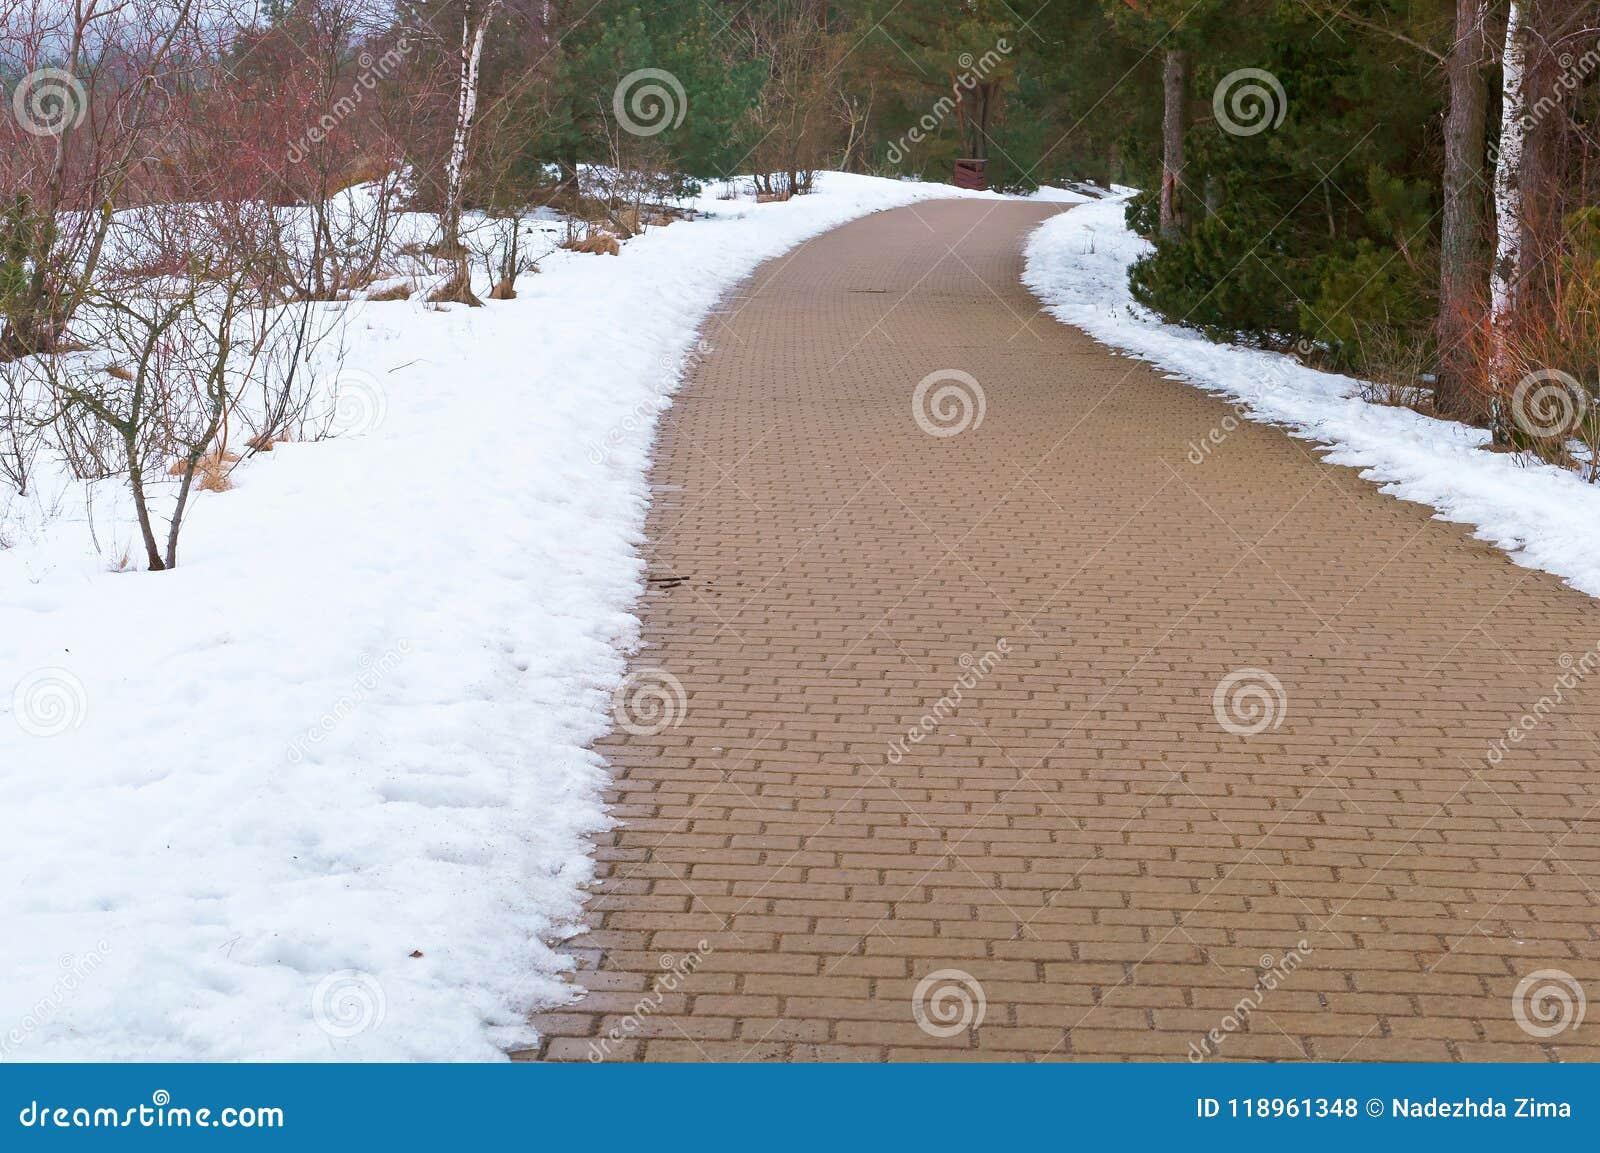 De weg van het bedekken plakken van sneeuw, sneeuw worden ontruimd smolt aan de vuile kant van de weg die